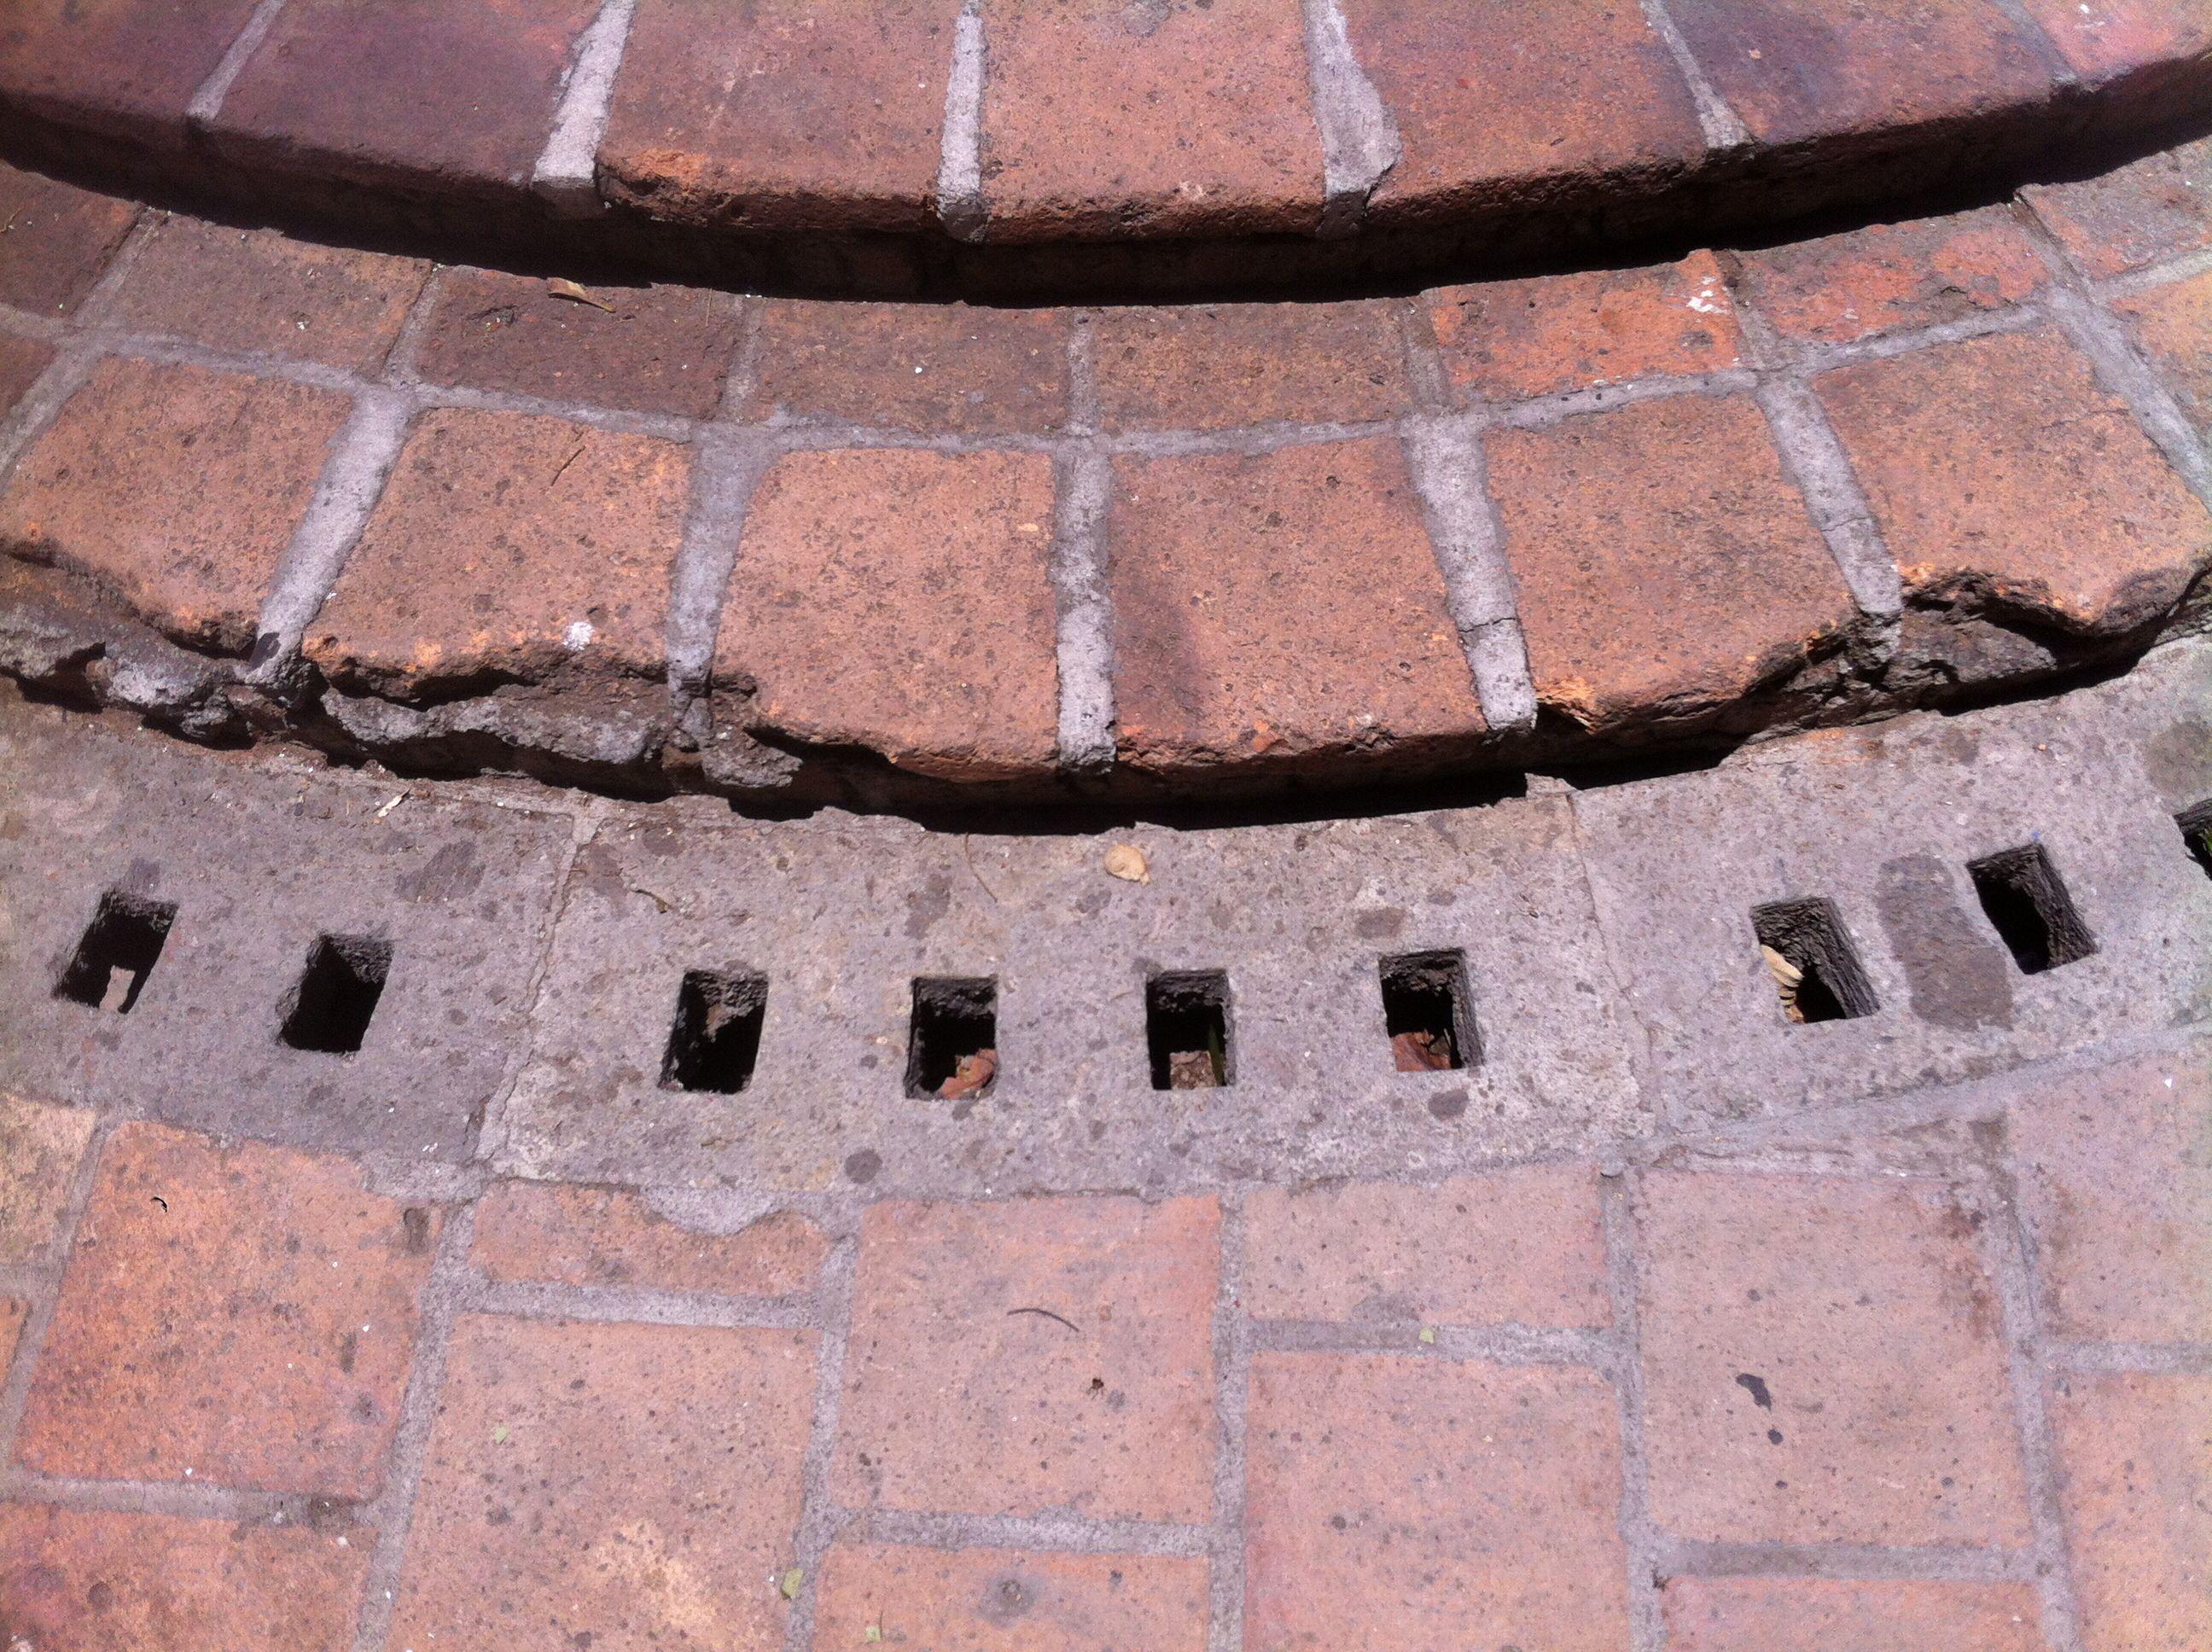 Rejilla para desagüe pluvial, concreto, hecha a mano, Instituto cultural Cabañas